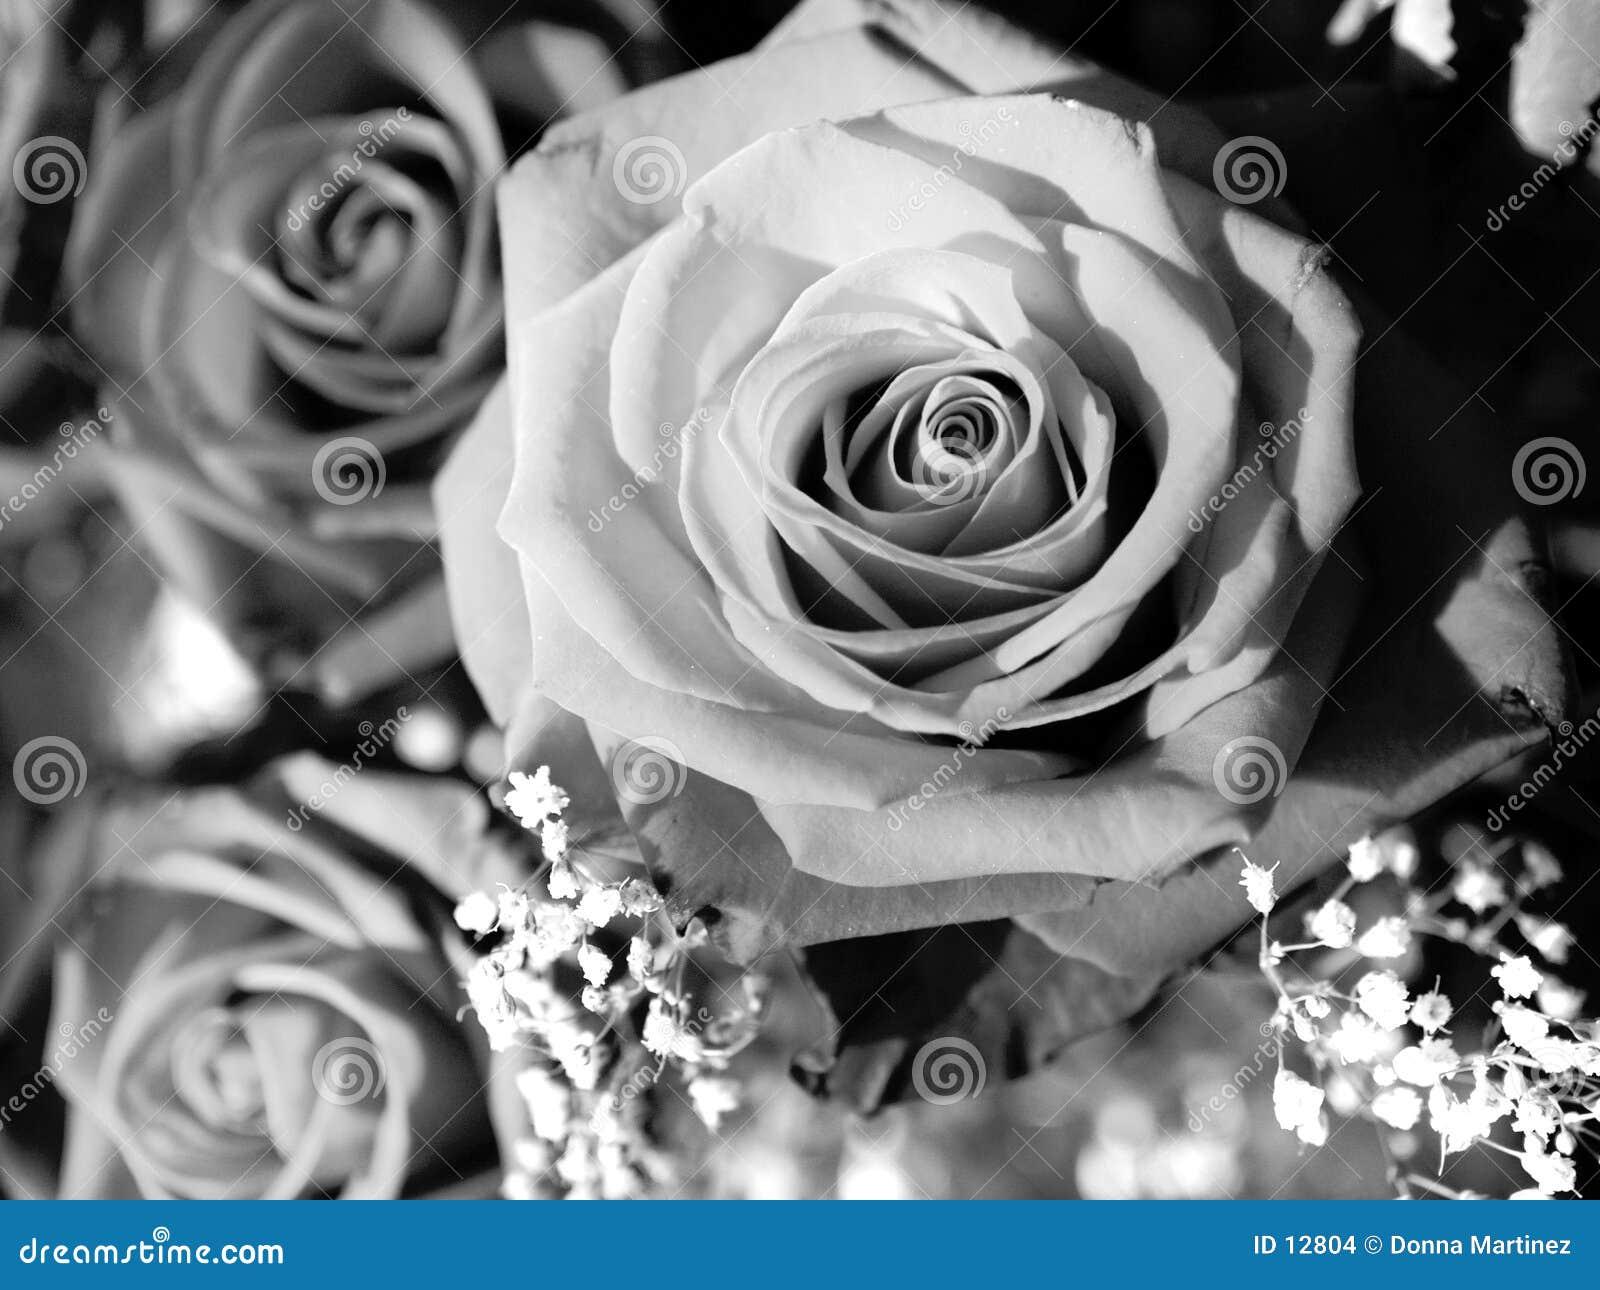 Eine Rose durch irgendeine andere Farbe?